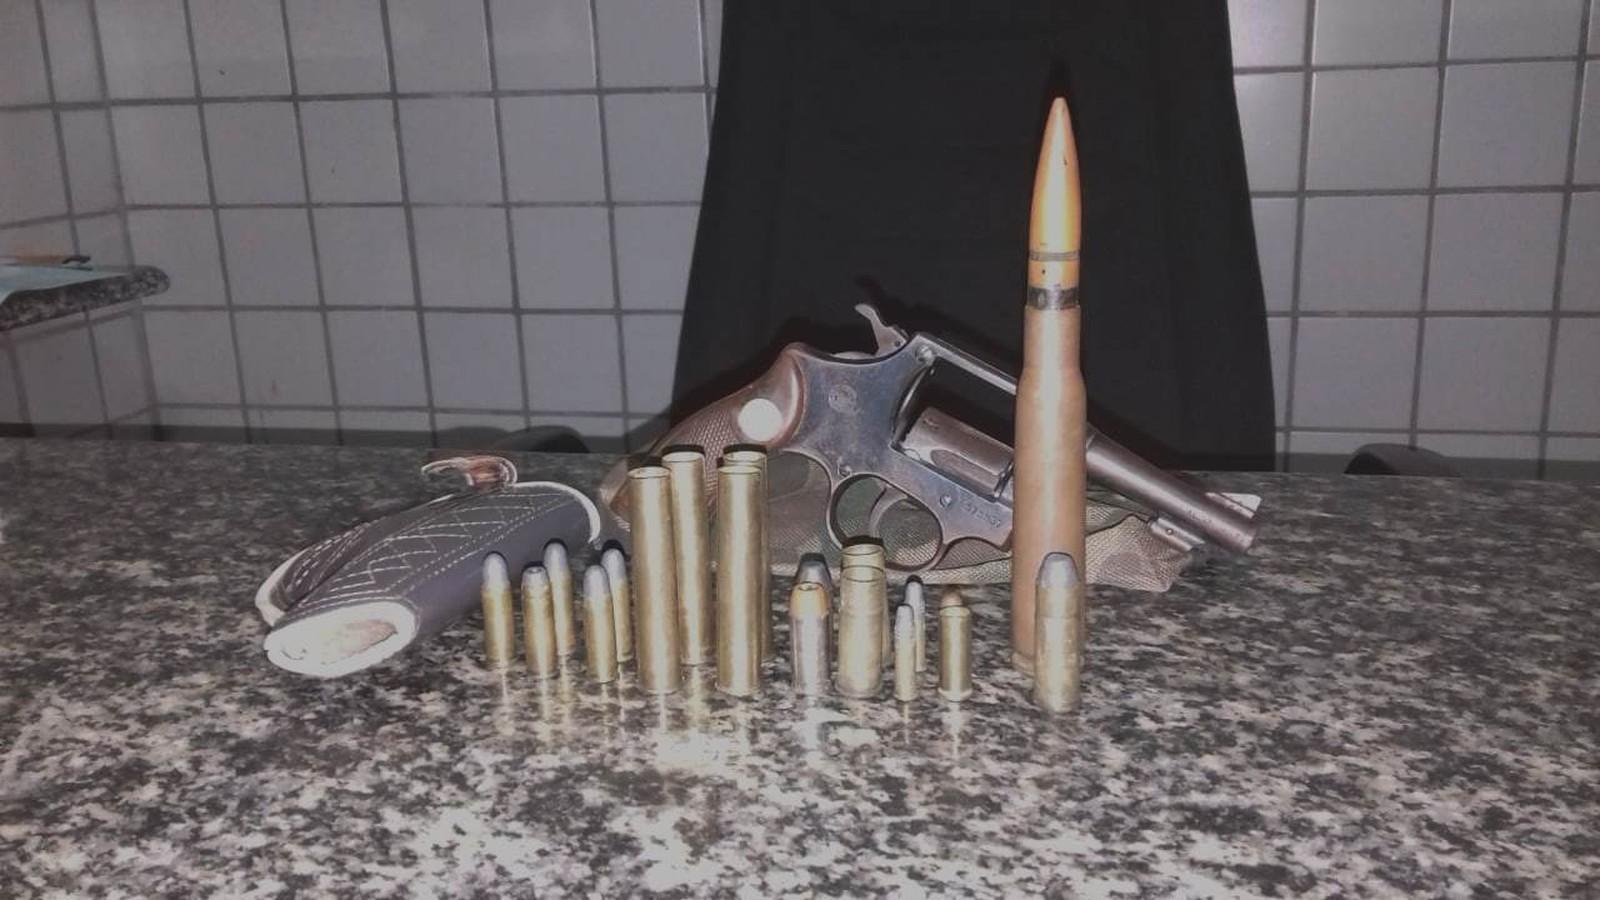 PM de Valença (PI) apreende cartucho de fuzil antiaéreo e revólver com suspeito de violência doméstica